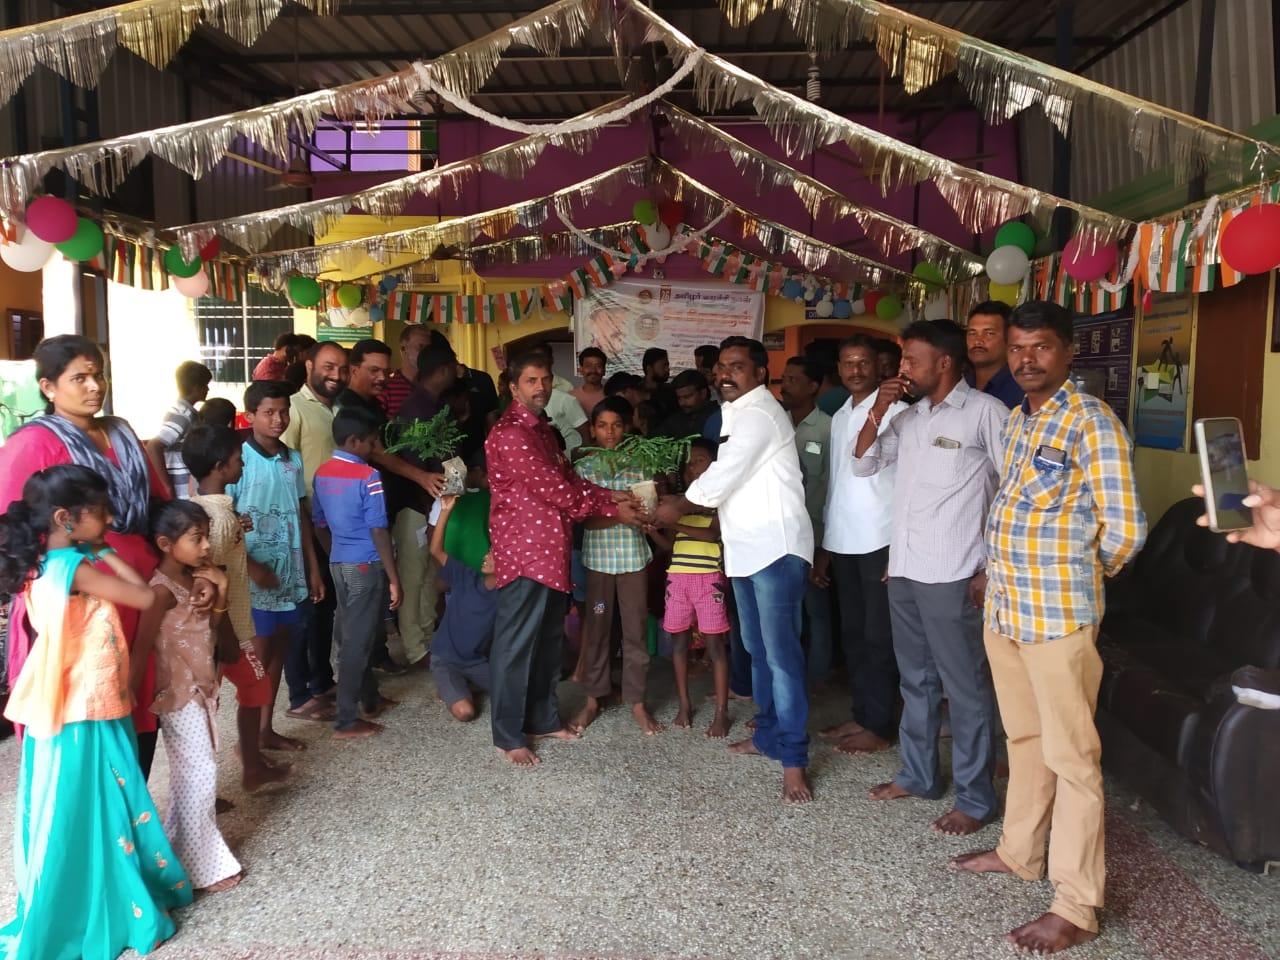 தலைவர் பிறந்த நாள் விழா-ஆதரவற்ற குழந்தைகளுக்கு உணவு